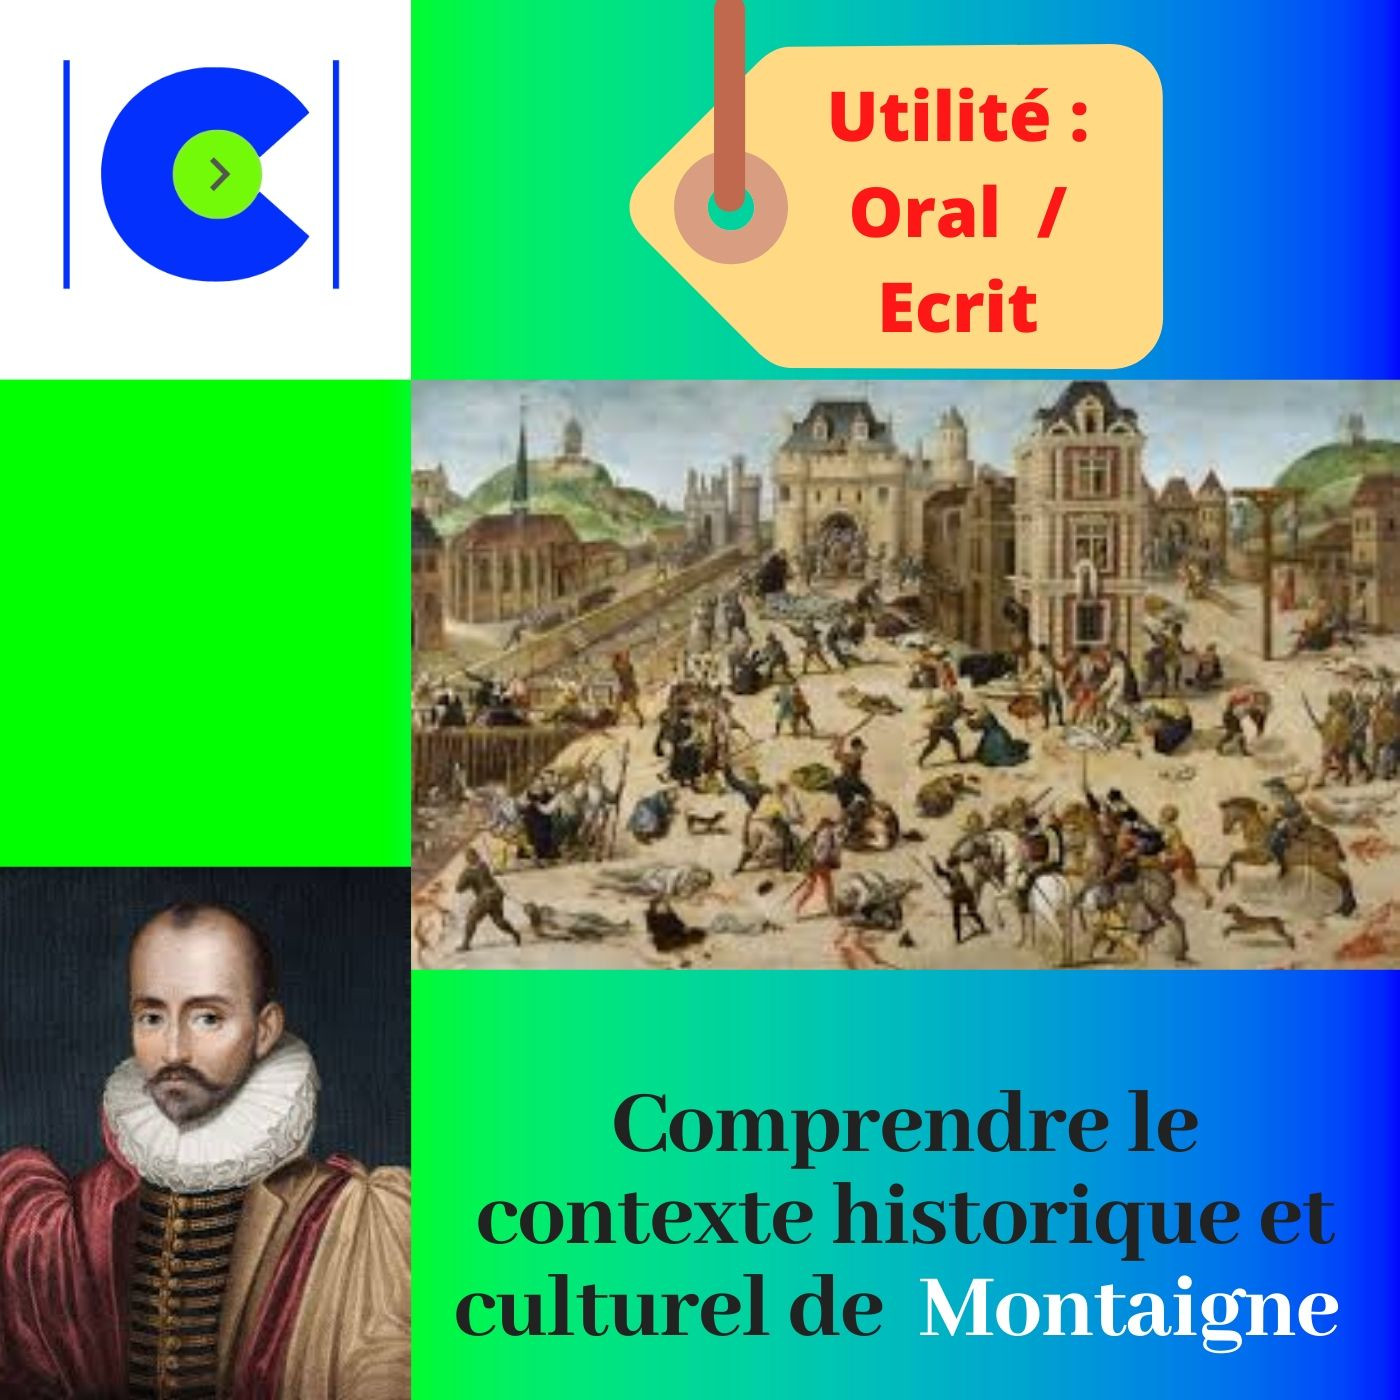 Comprendre le contexte historique et culturel de MONTAIGNE.